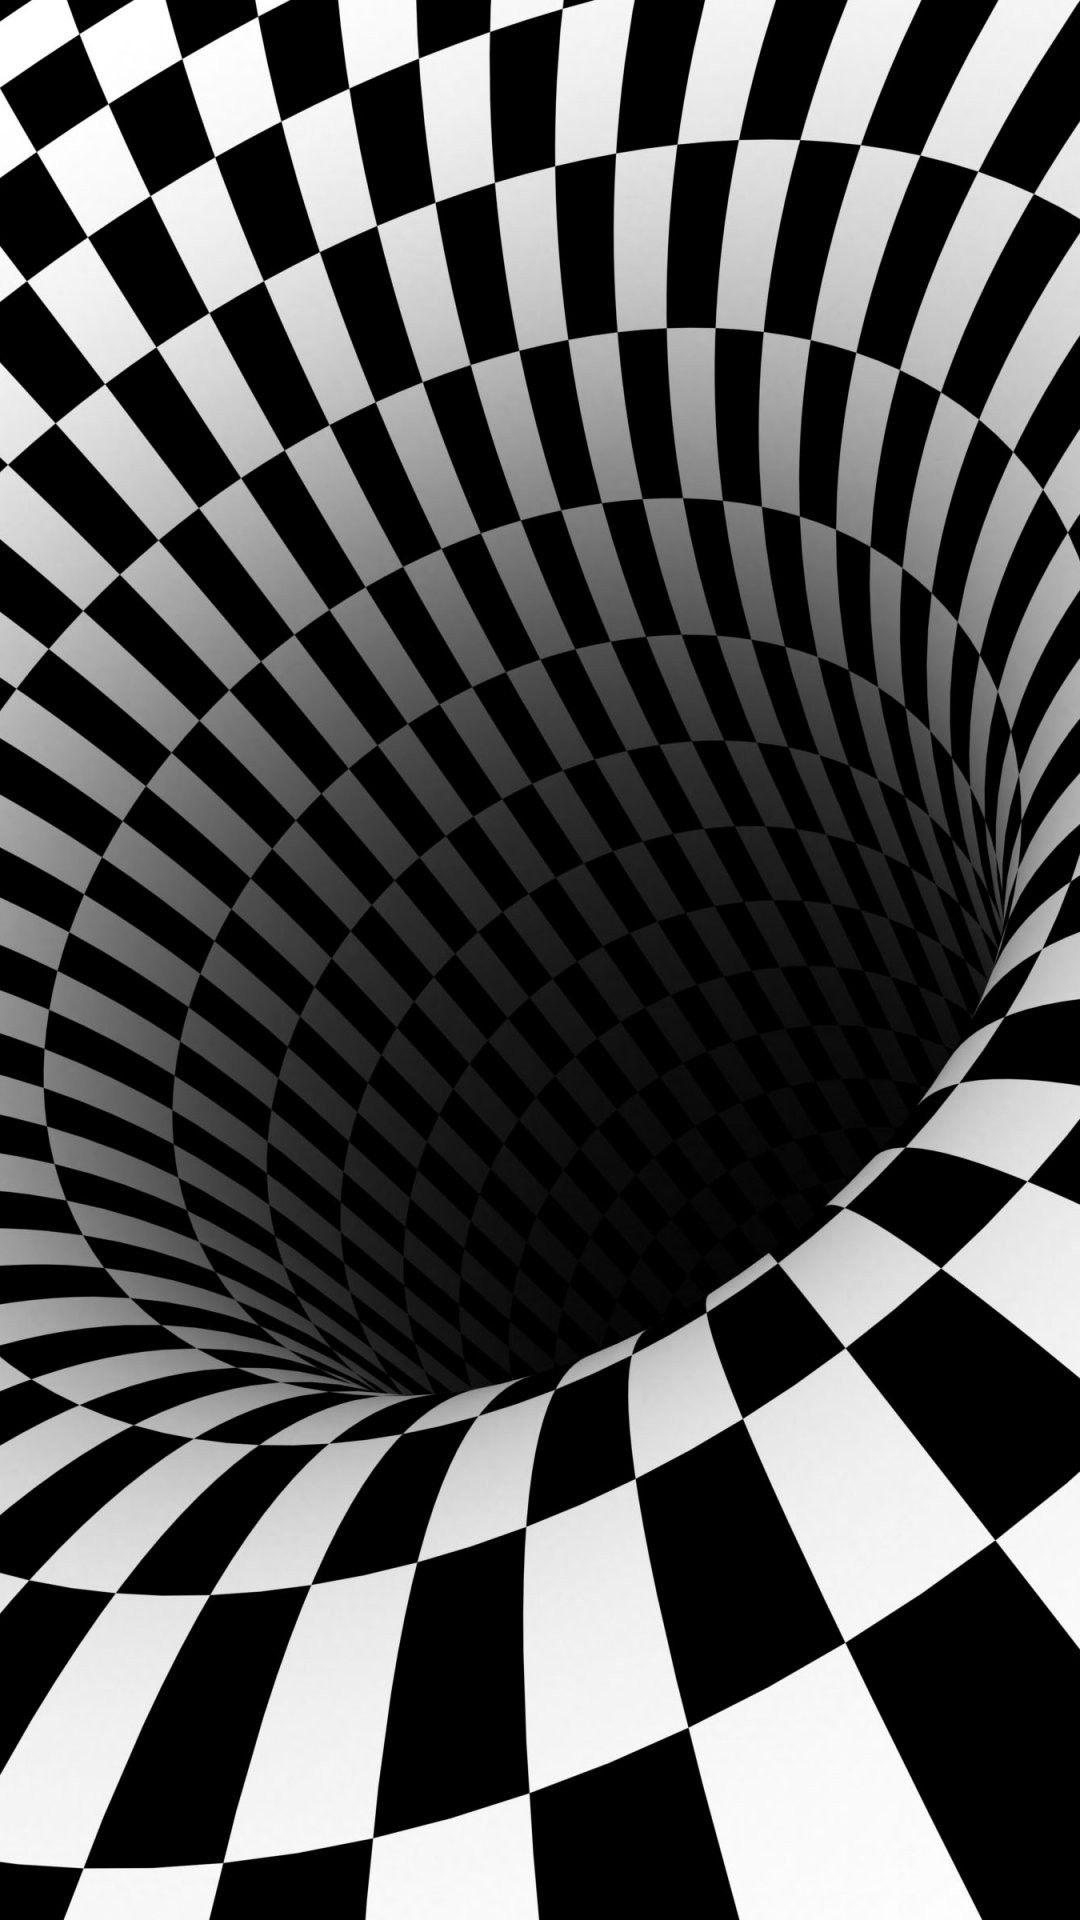 Illusion IPhone 6 Plus Wallpaper 31622